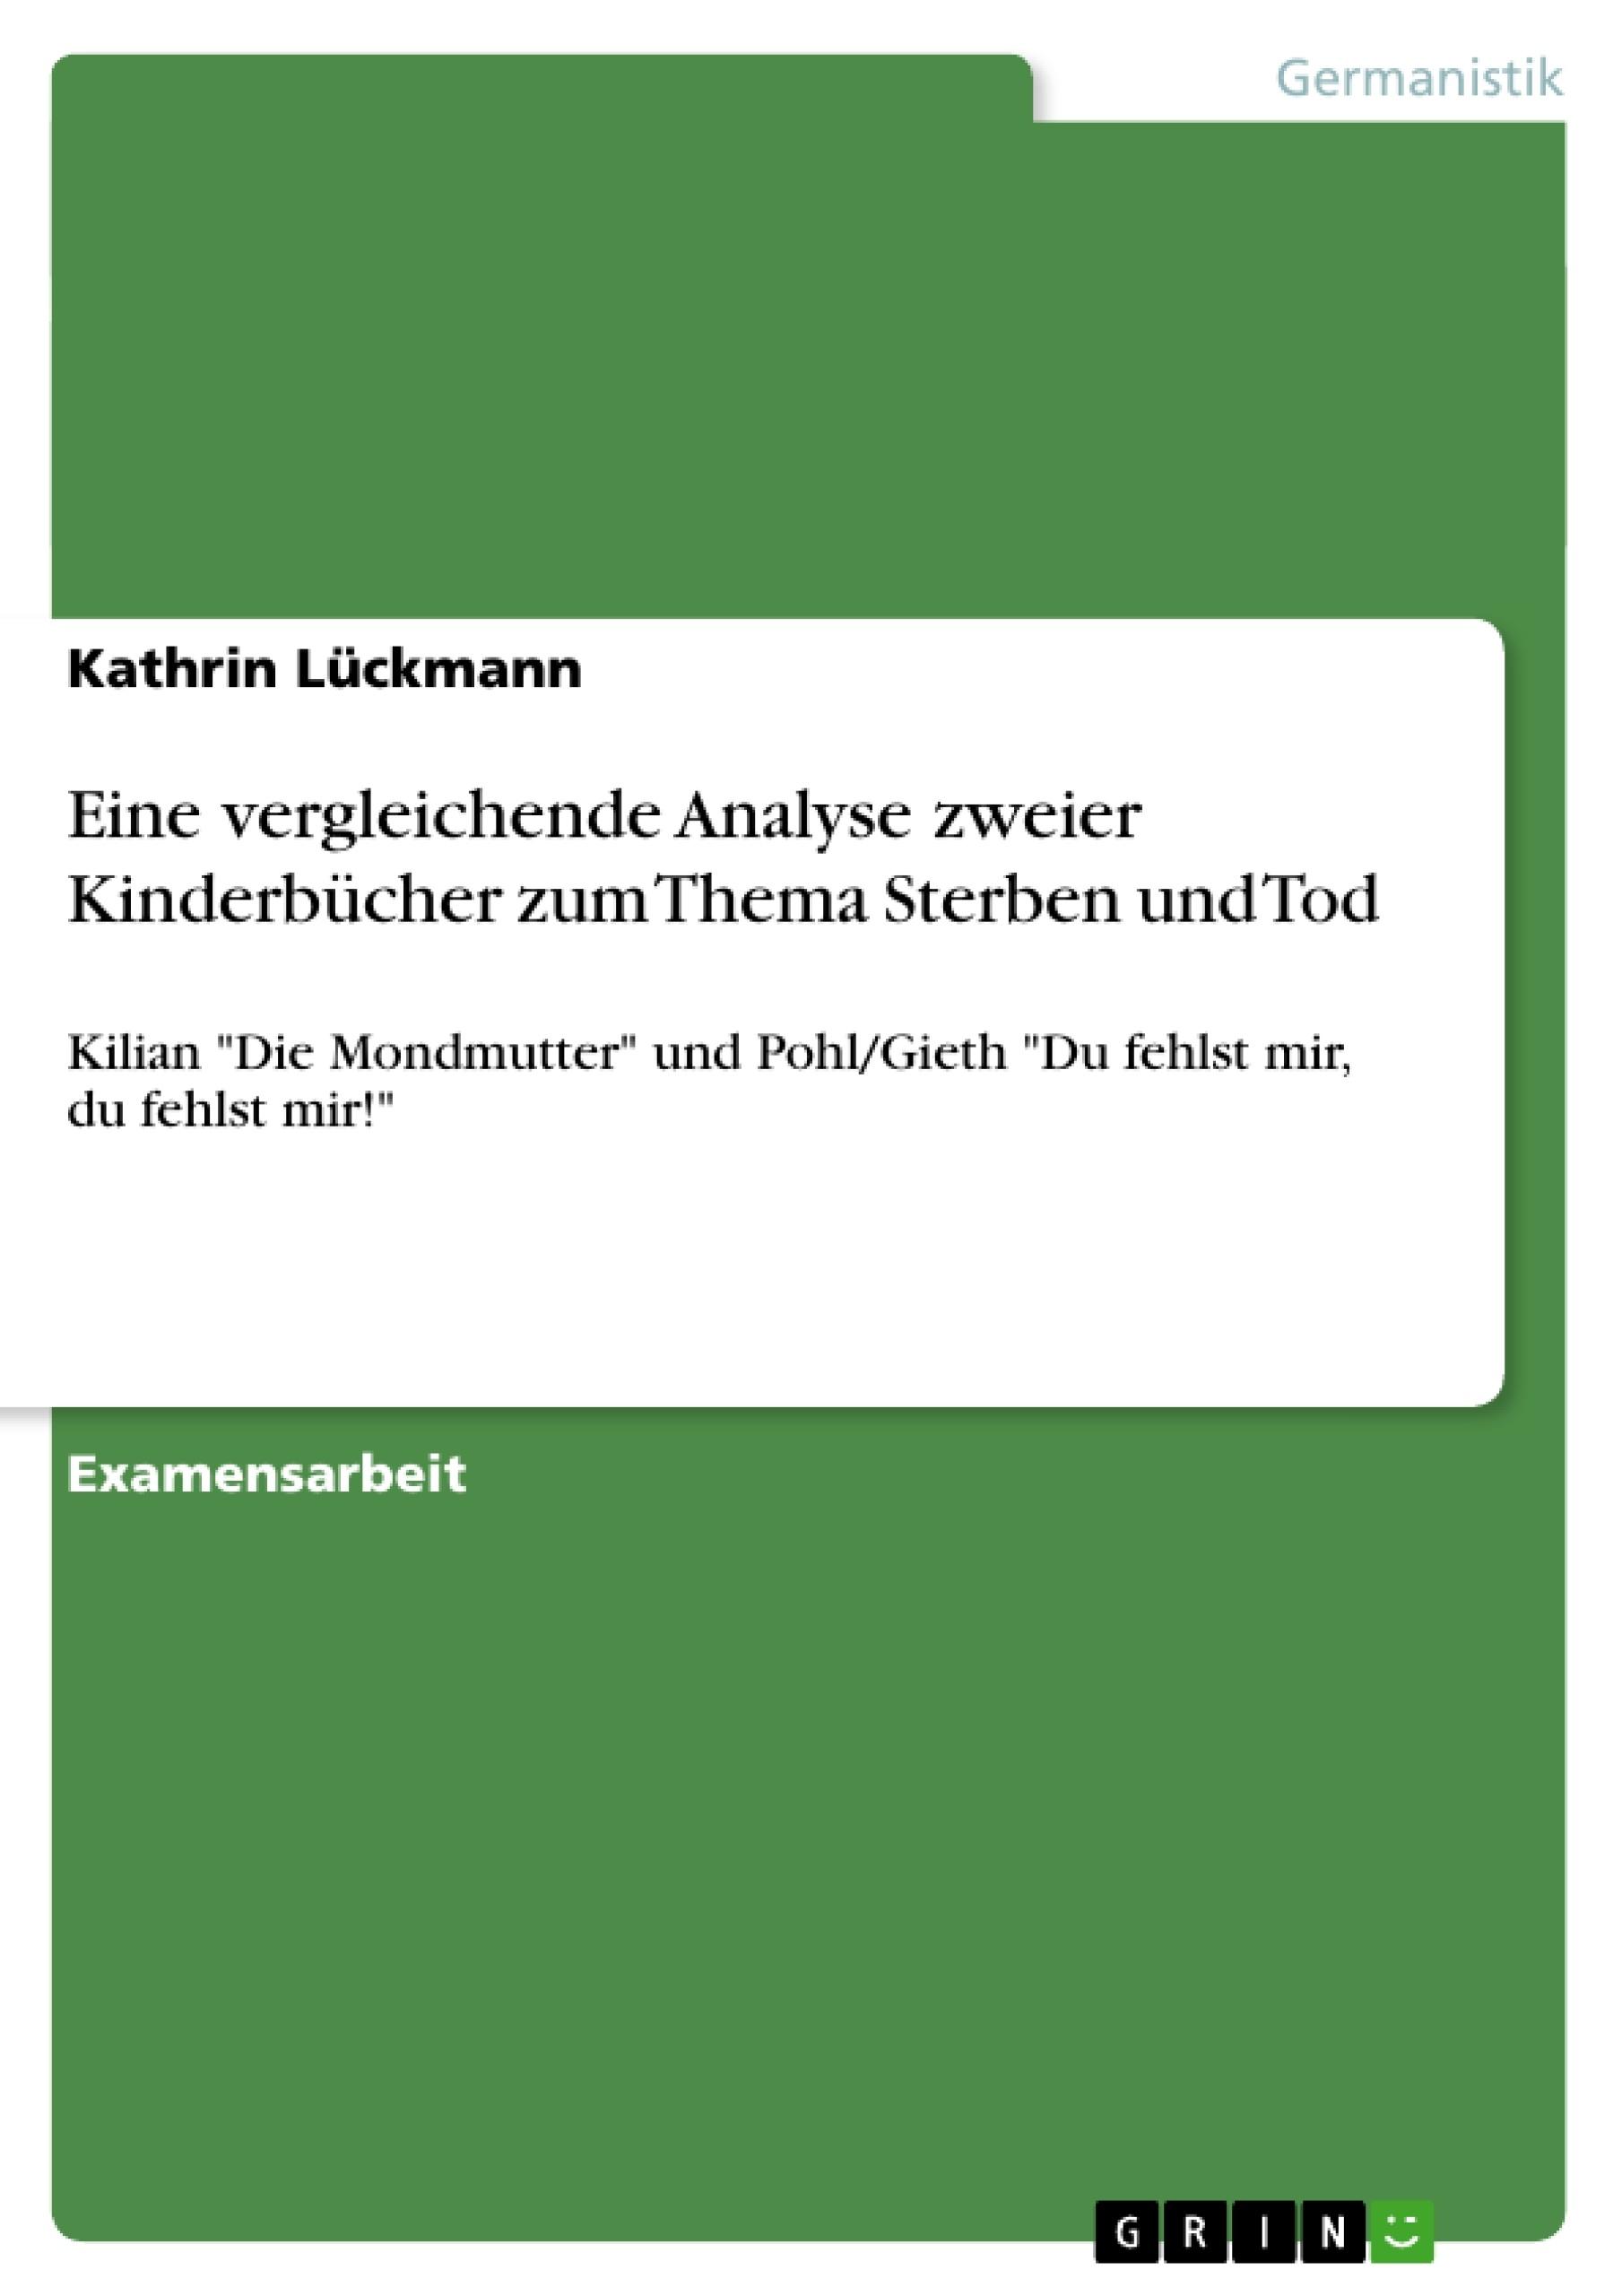 Titel: Eine vergleichende Analyse zweier Kinderbücher zum Thema Sterben und Tod